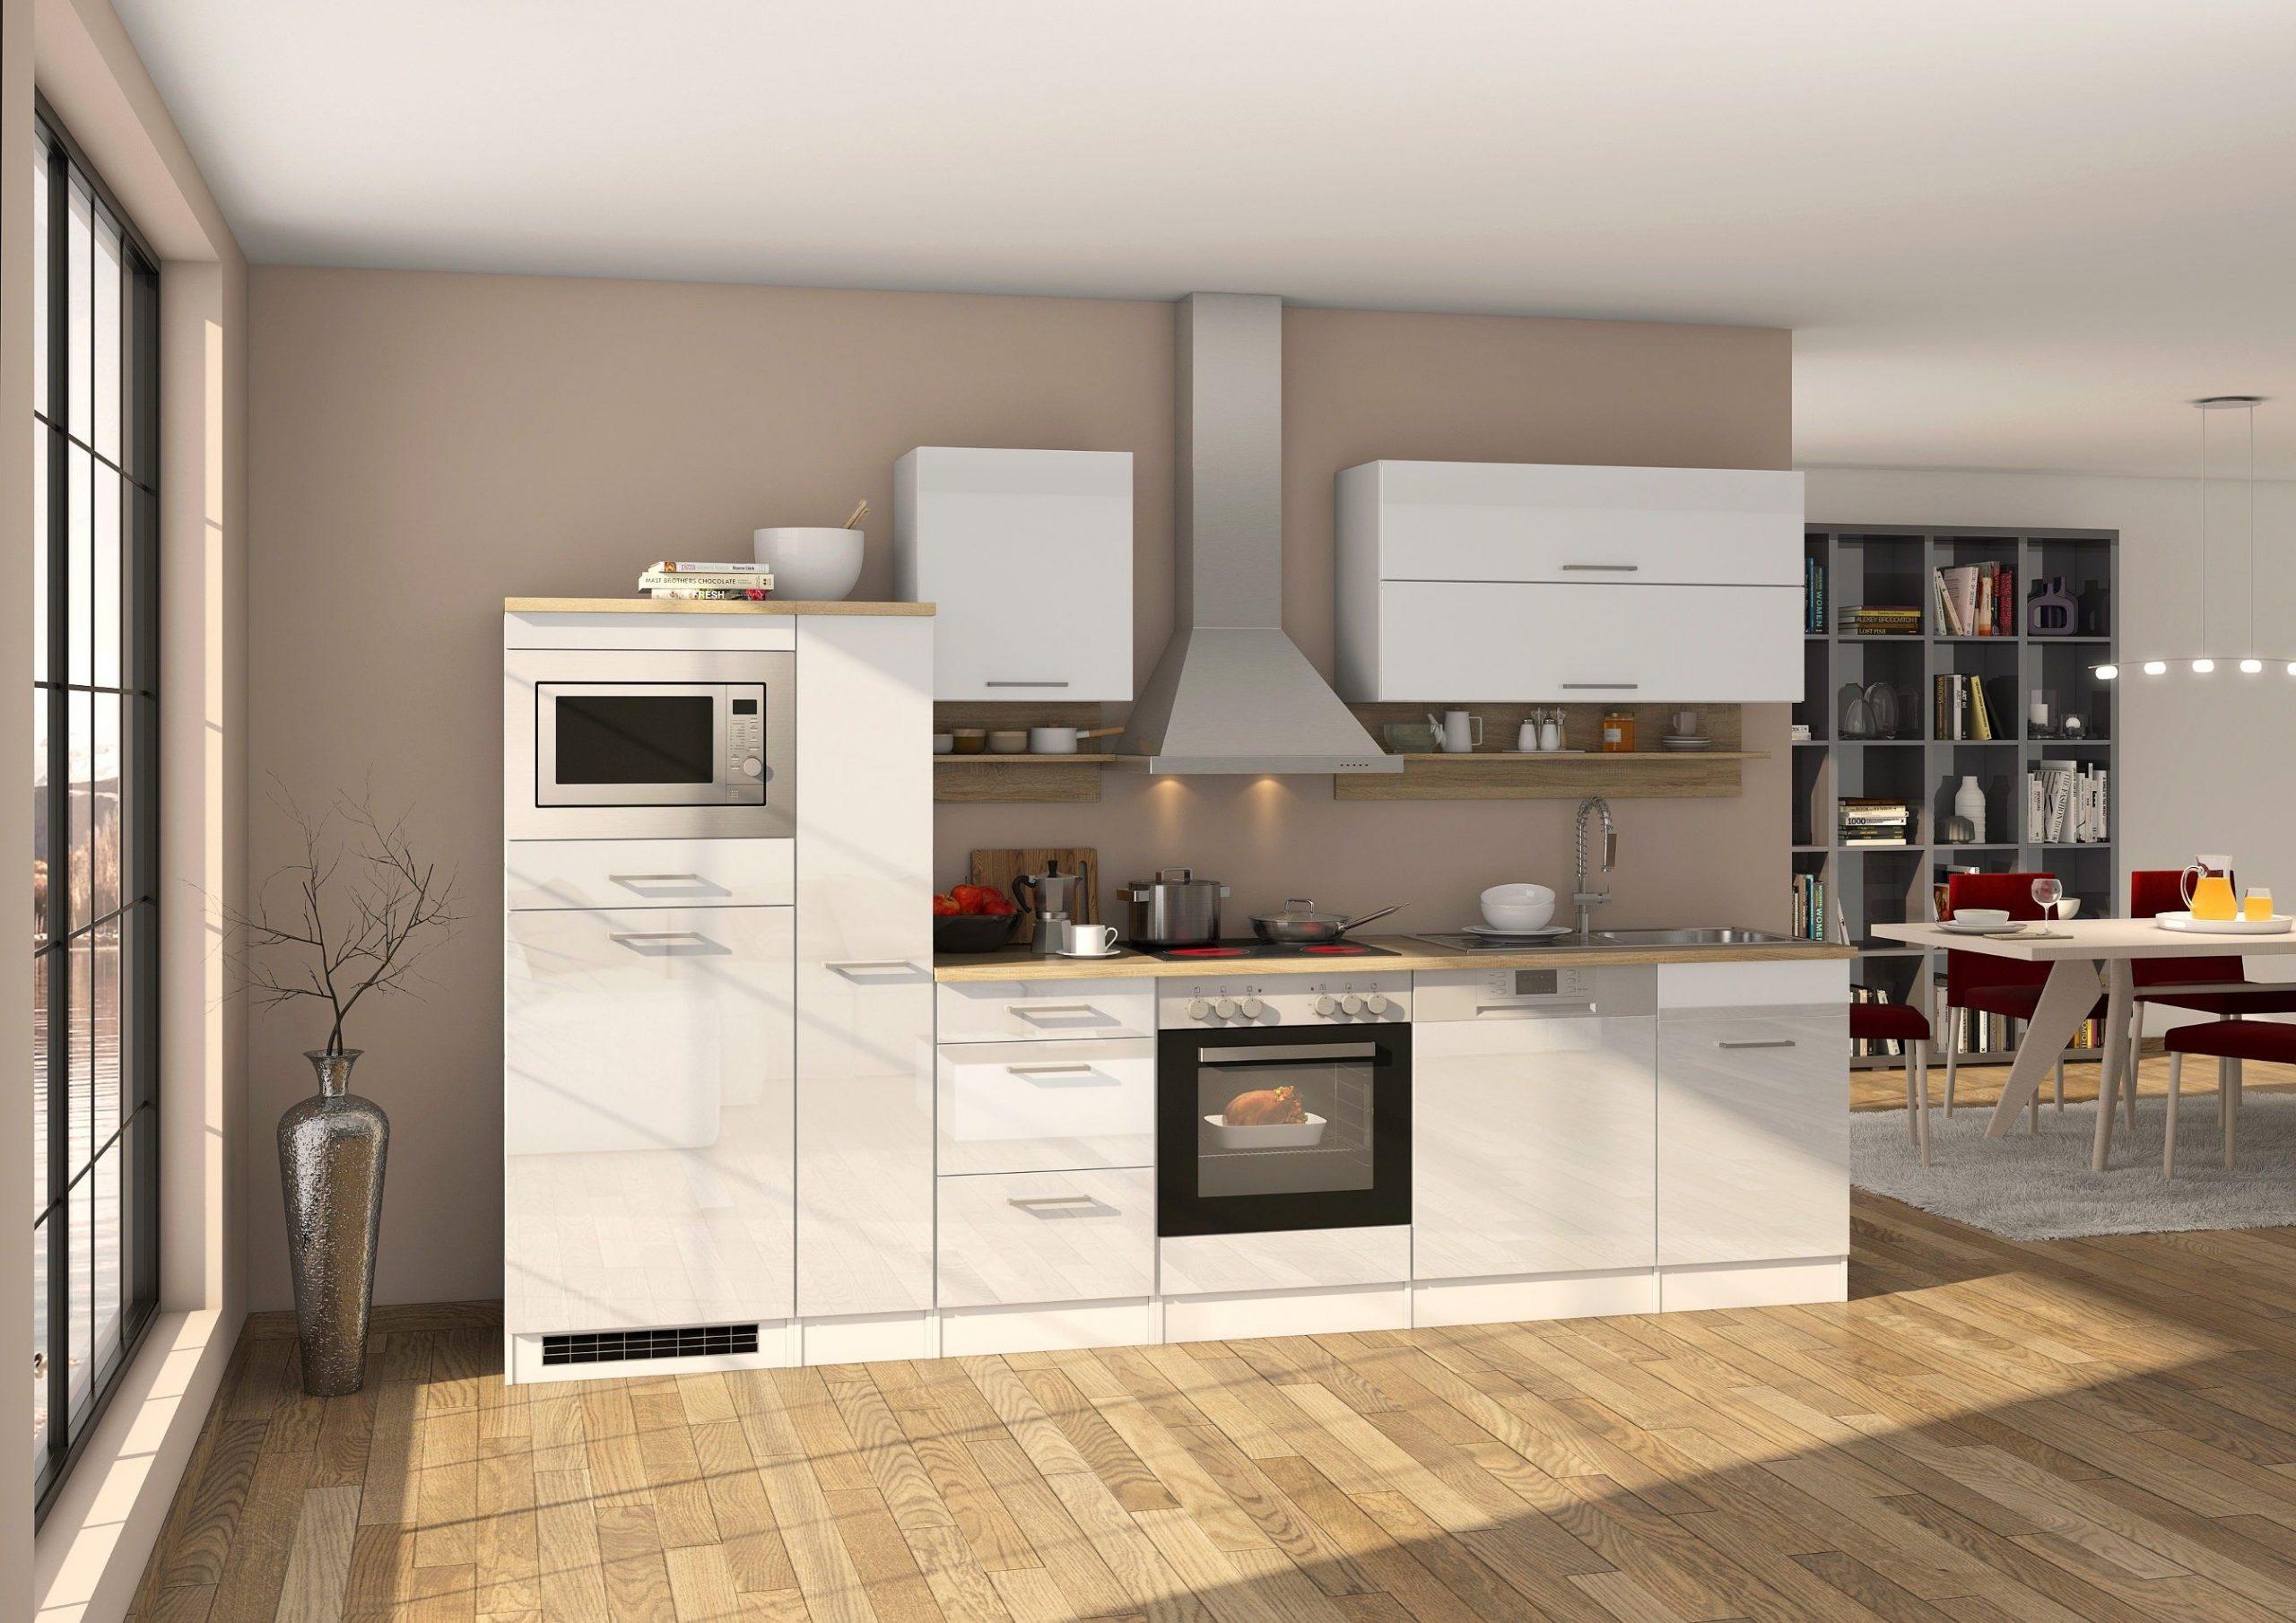 Full Size of Küchen Wandregal Regal 110 Cm Breit Kchen 1 Ablageflche Bad Küche Landhaus Wohnzimmer Küchen Wandregal